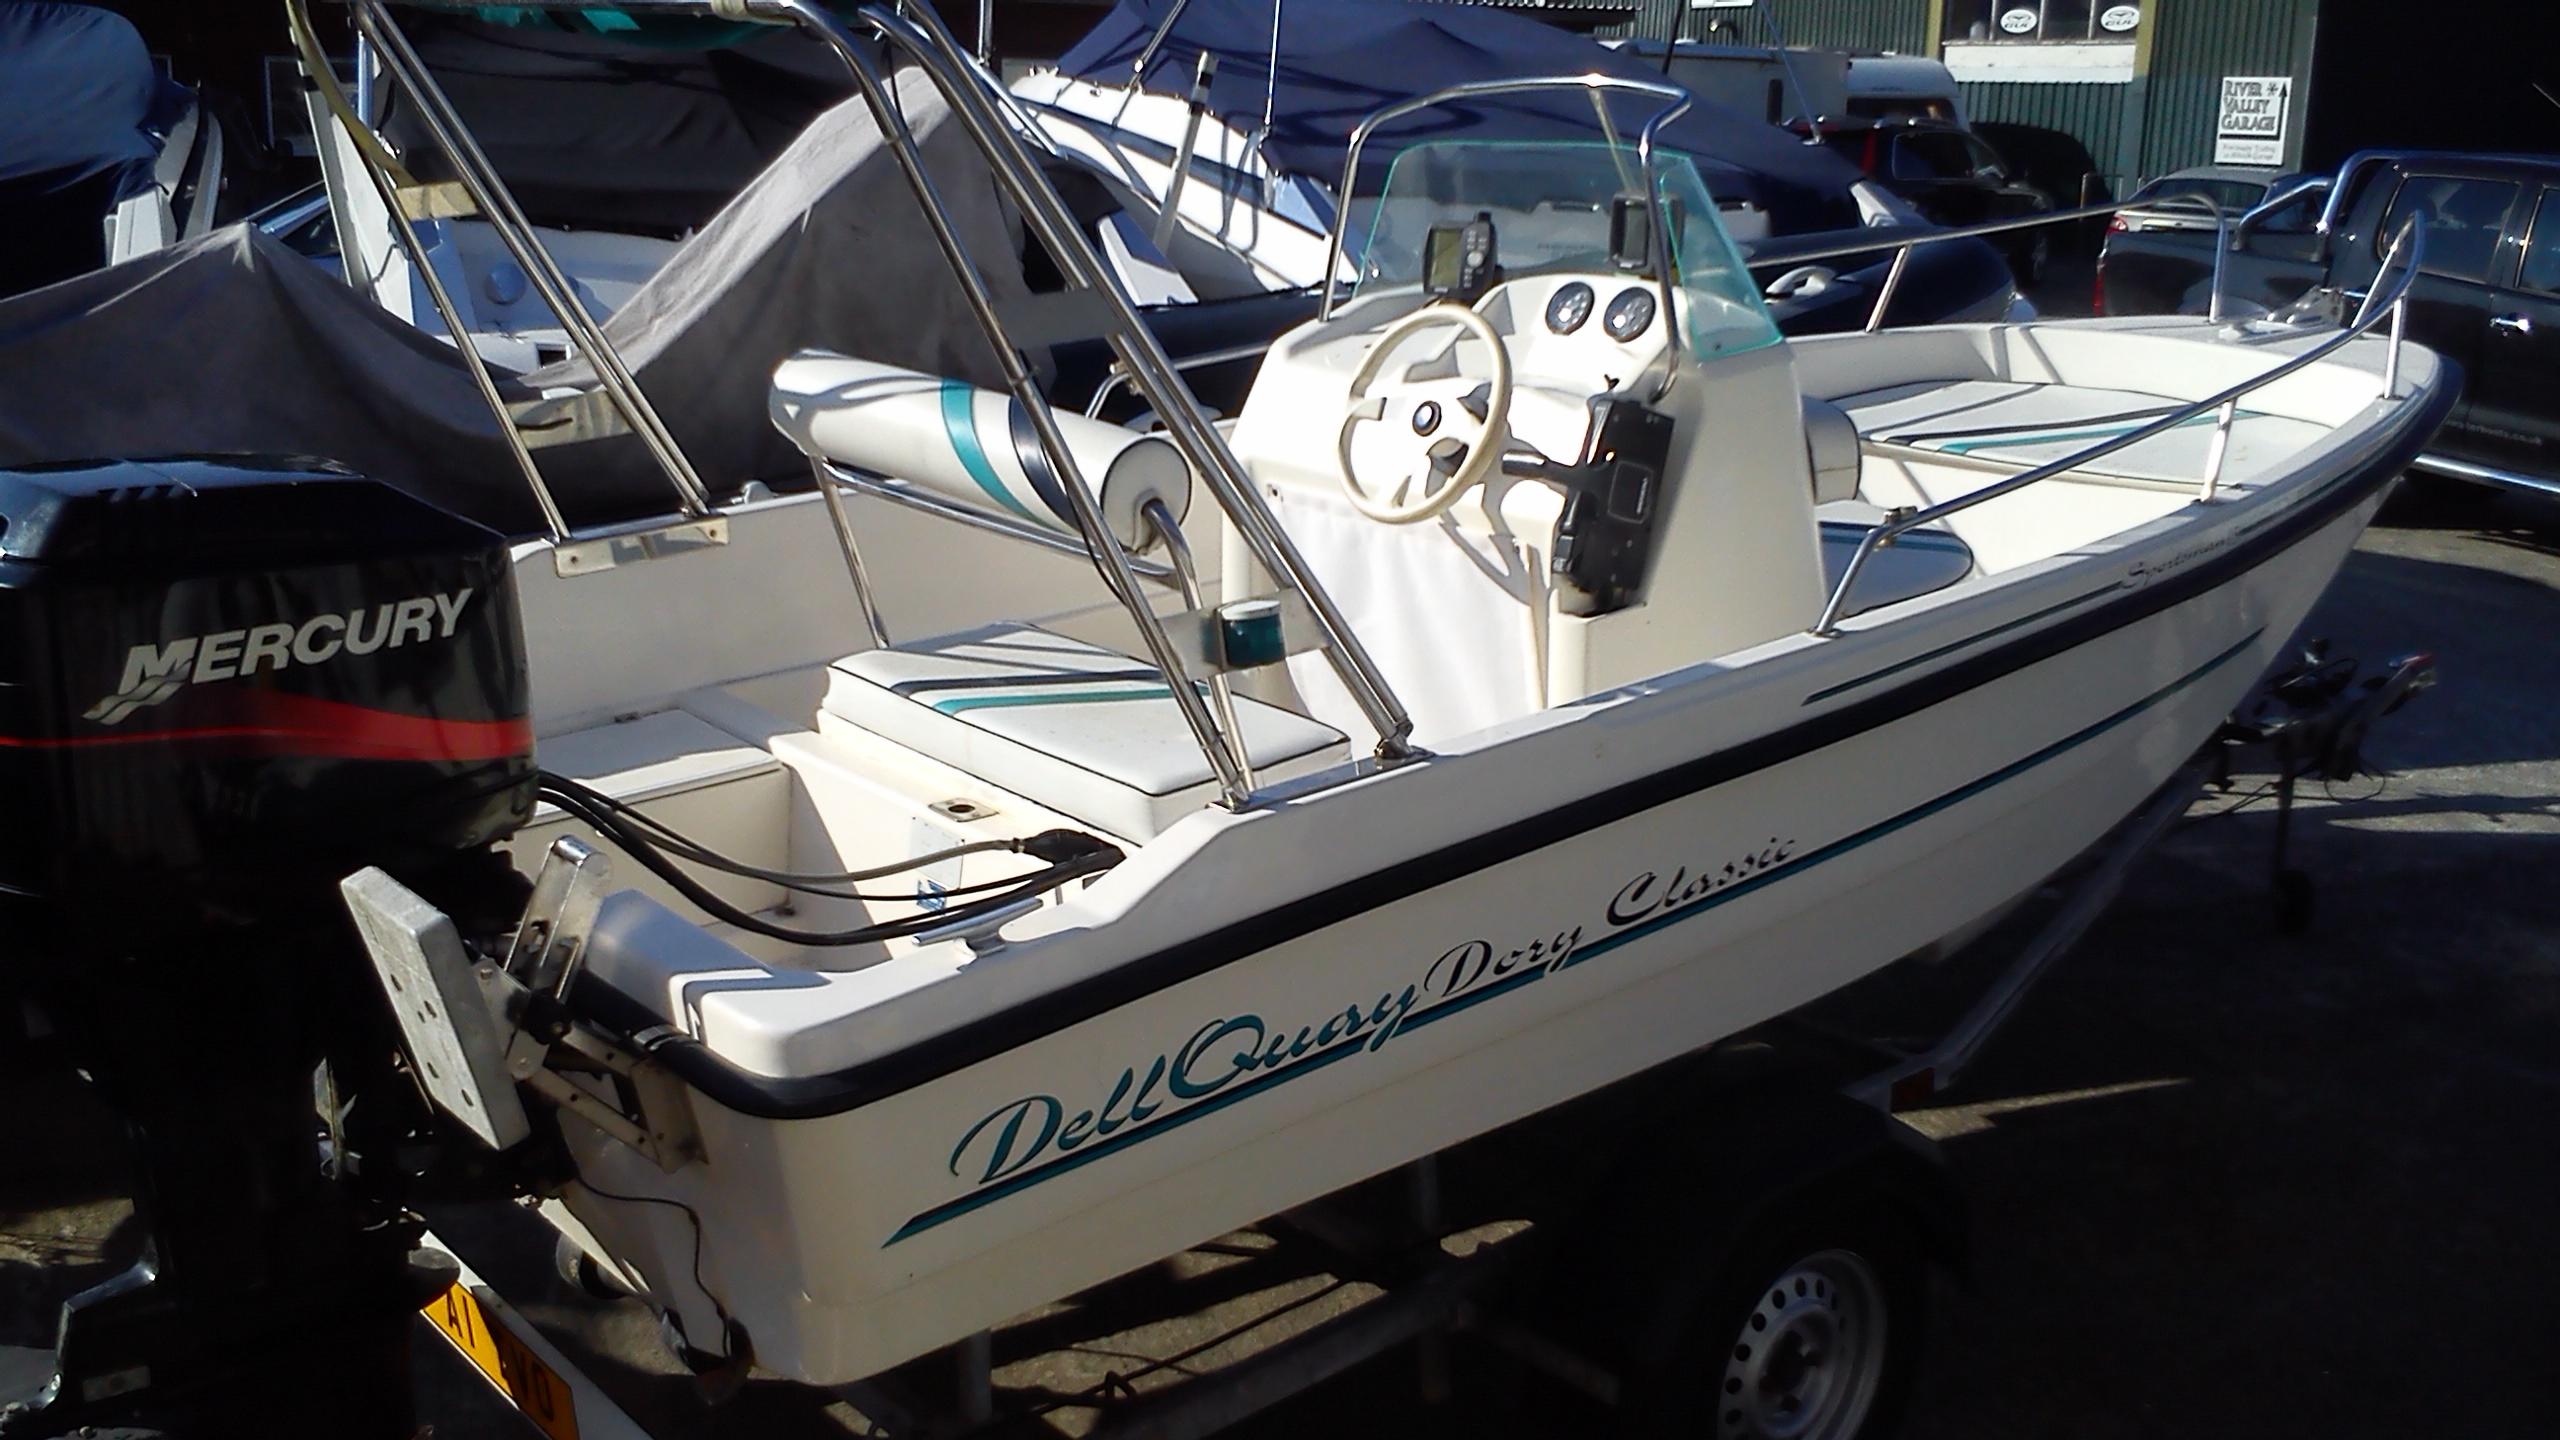 Fletcher Dell Quay Dory Sportsman 15 Boat For Sale